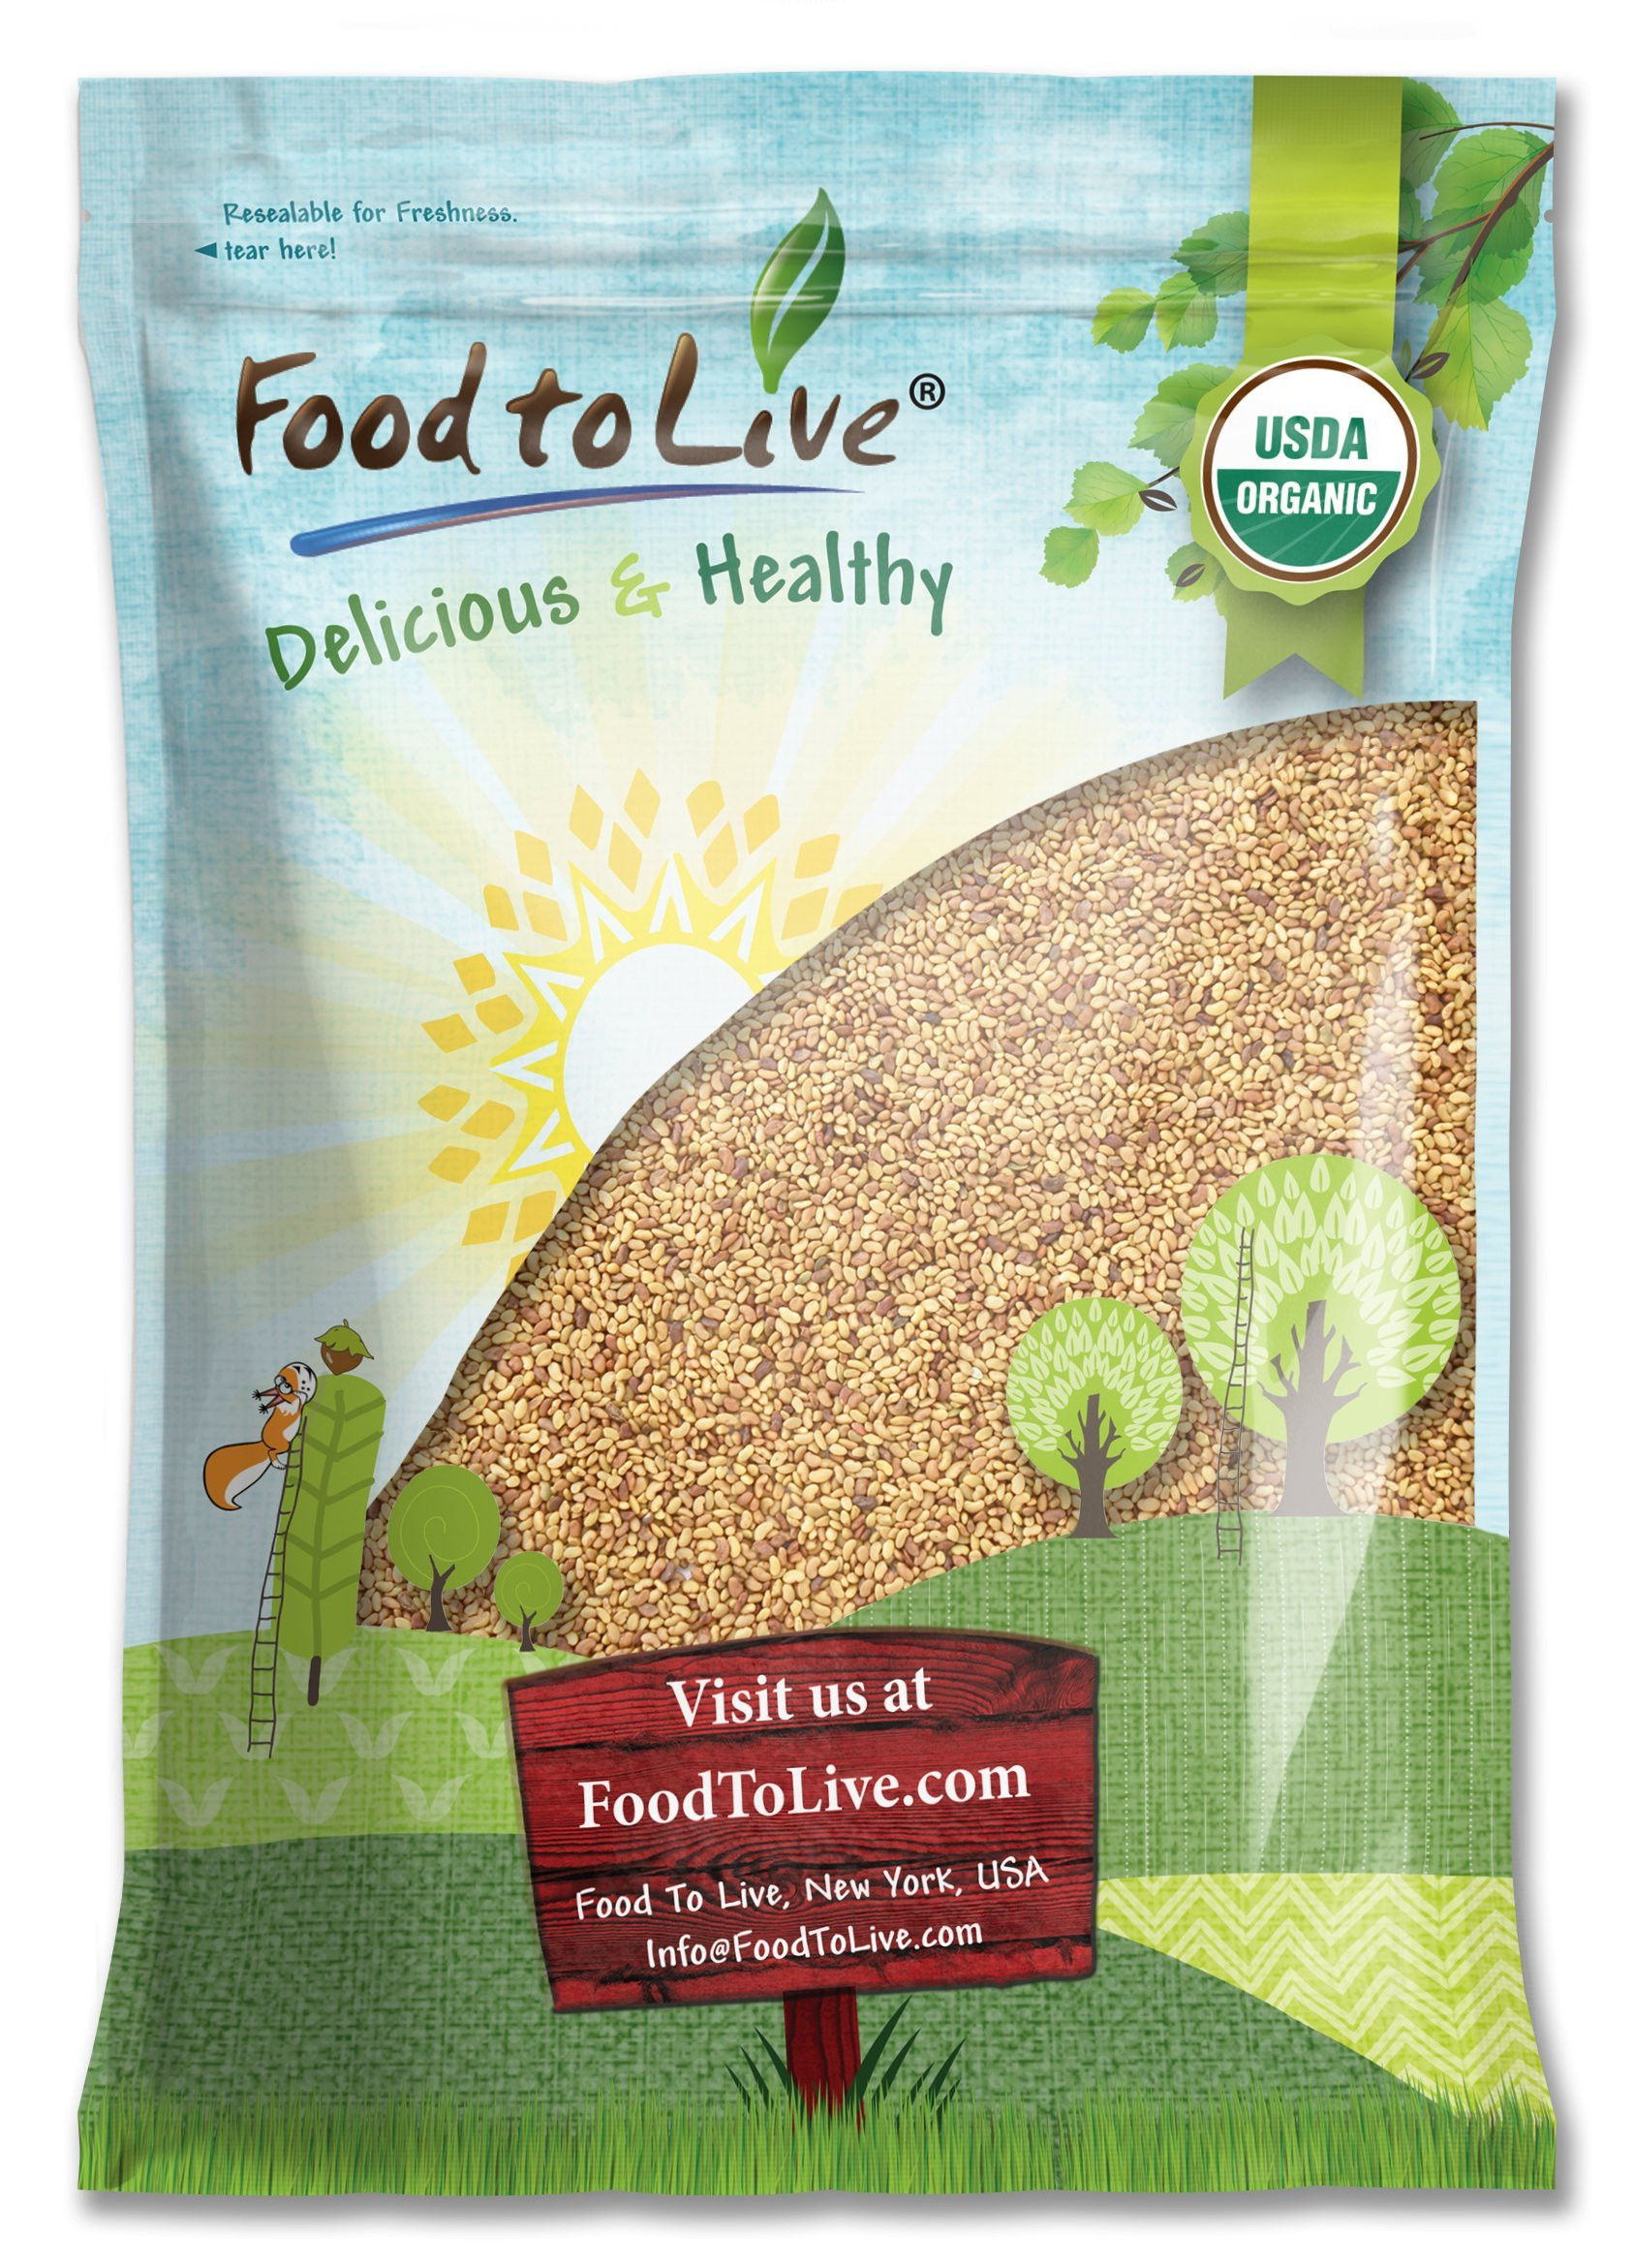 Organic Alfalfa Sprouting Seeds, 10 Pounds - Non-GMO, Kosher, Raw, Vegan, Bulk